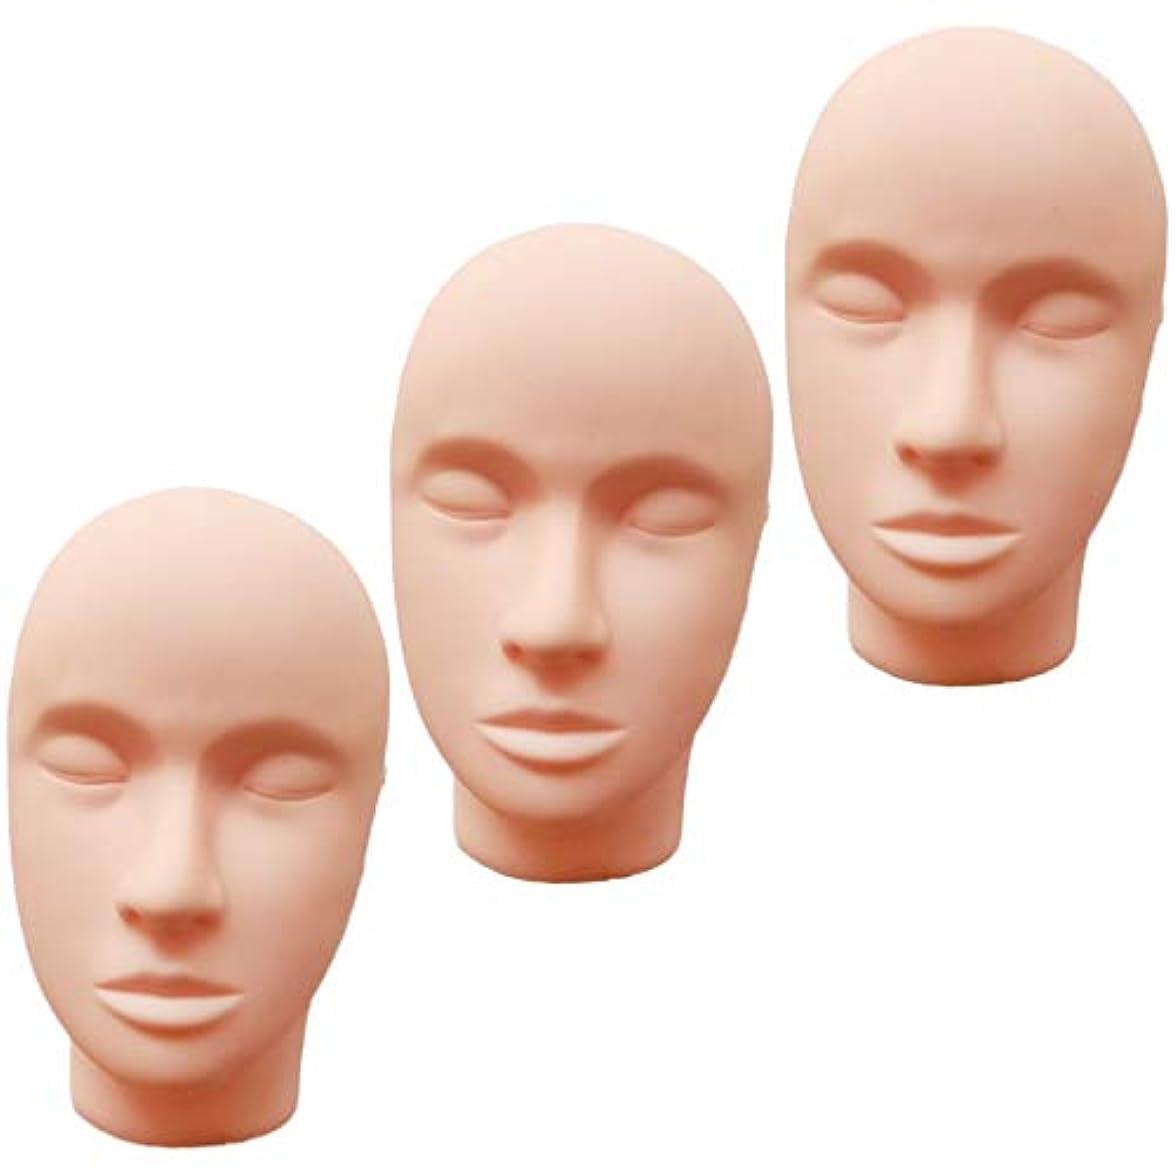 動的ジュニア不純ヘッドマネキン メイク練習用 モデル 化粧 フェイス メイクアップ まつげエクステ 繰り返し利用